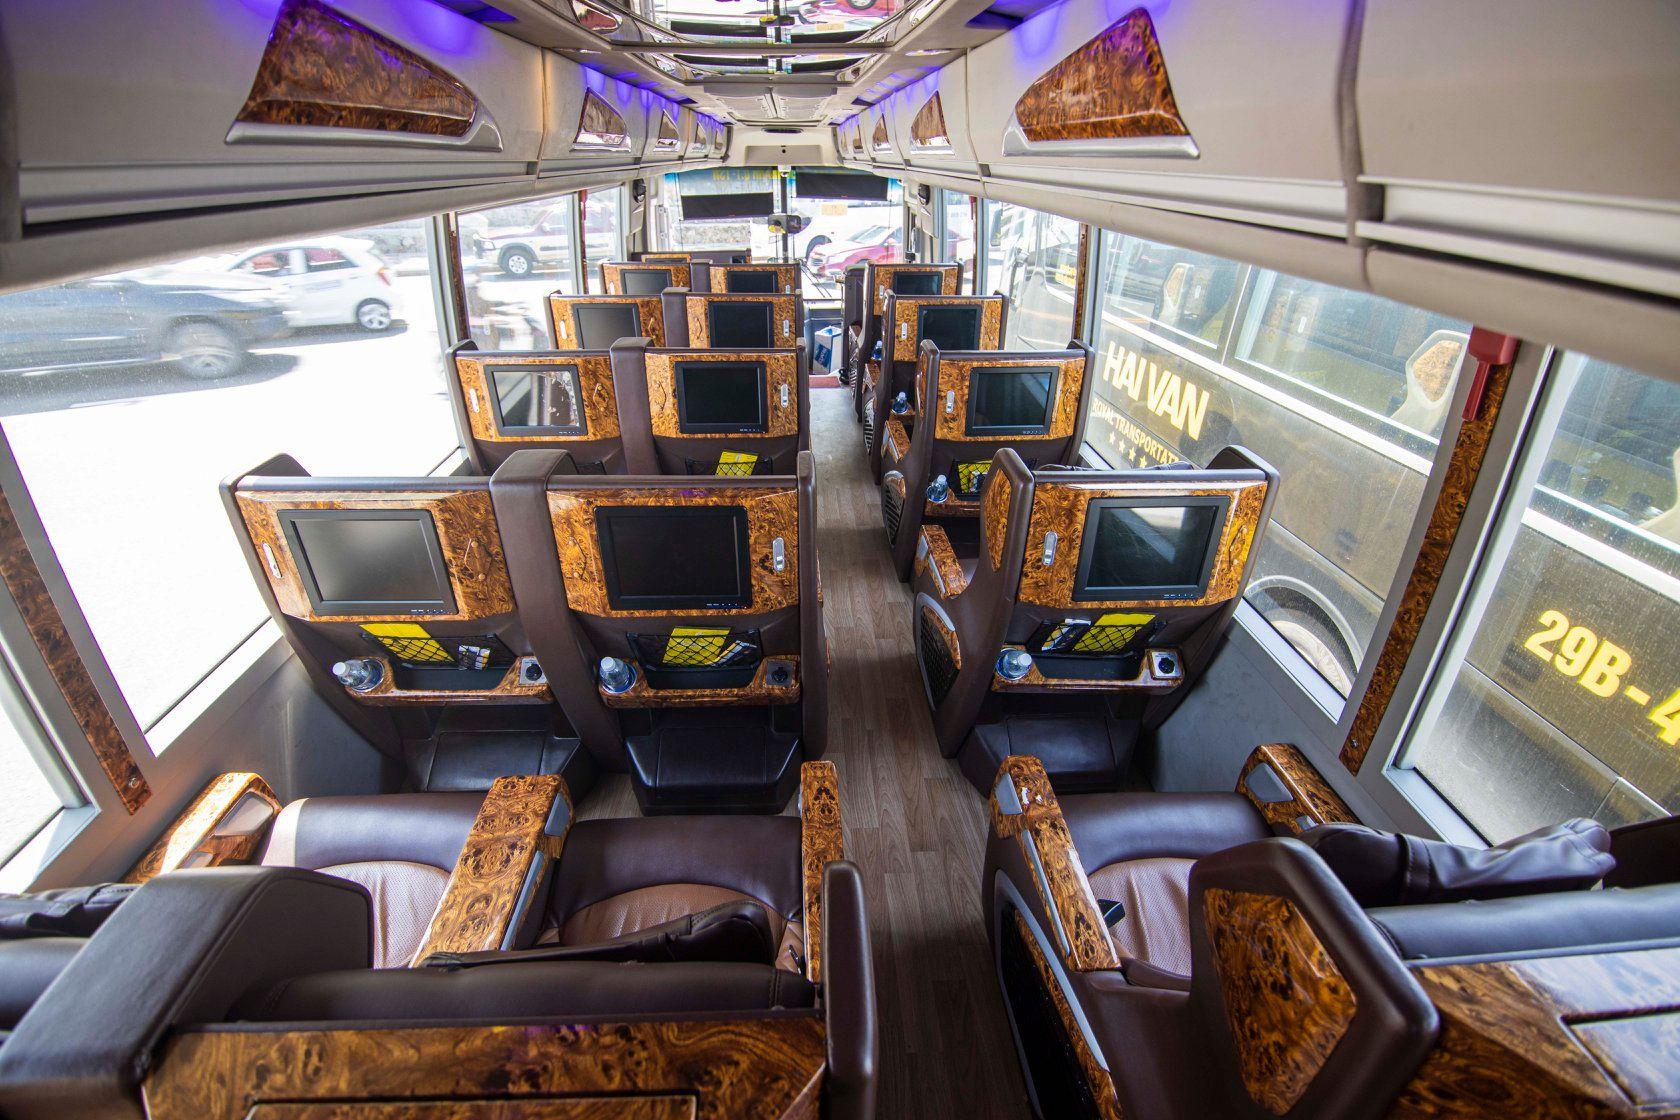 Màn hình tivi riêng biệt từng ghế ngồi. Cổng sạc USB riêng biệt từng ghế mang lại sự tiện dụng cho hành khách sử dụng công nghệ trong những chuyến đi dài.